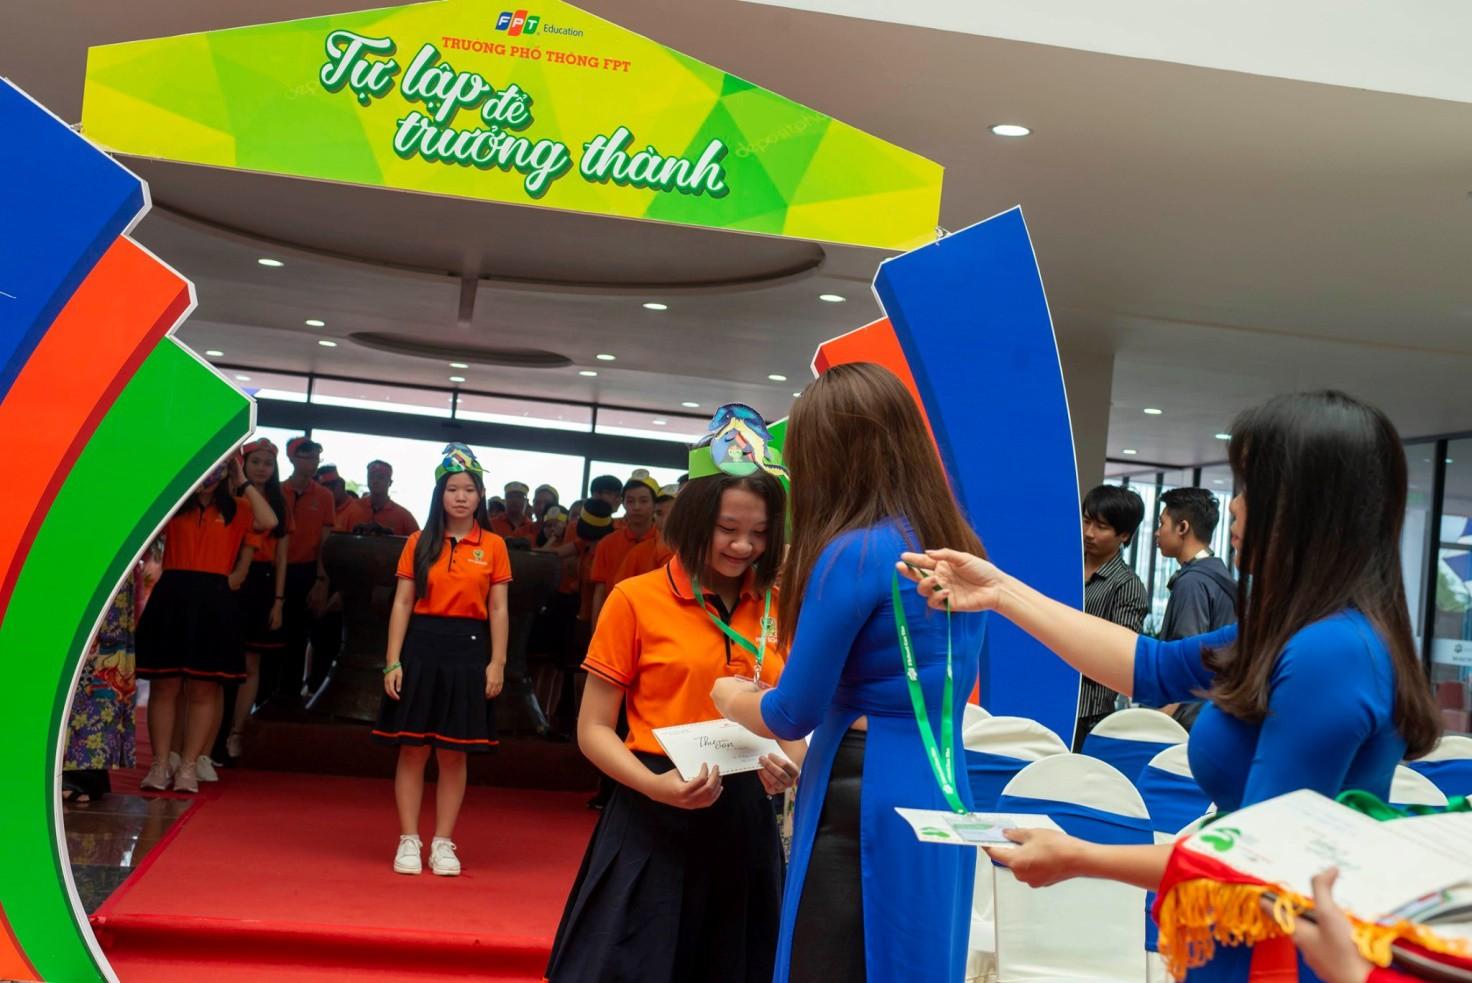 Học sinh xúc động nhận thư tay từ cô hiệu trưởng - Ảnh 2.